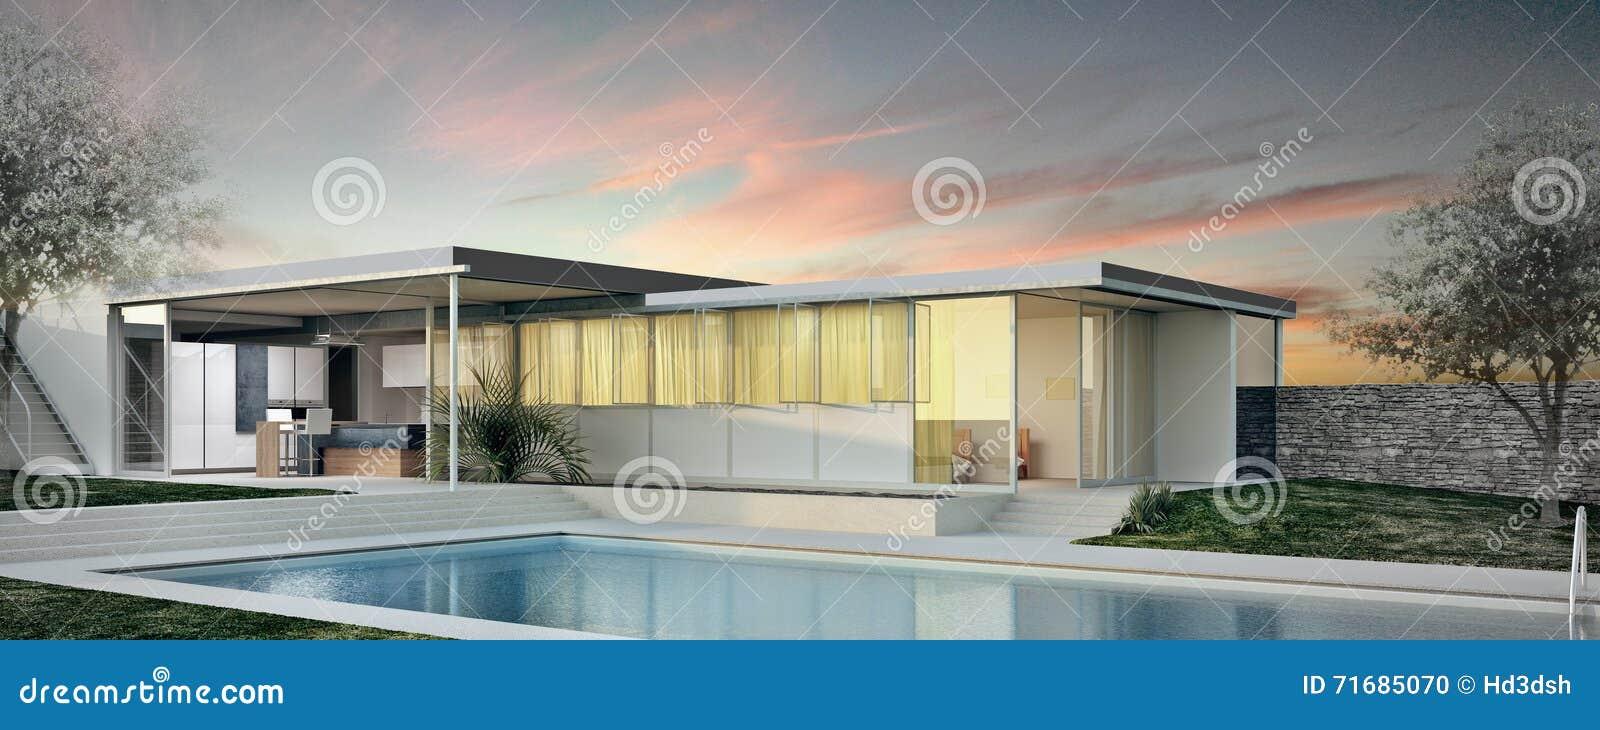 Modernes Außendesign Des Hauses Stockfoto - Bild von haus, außen ...